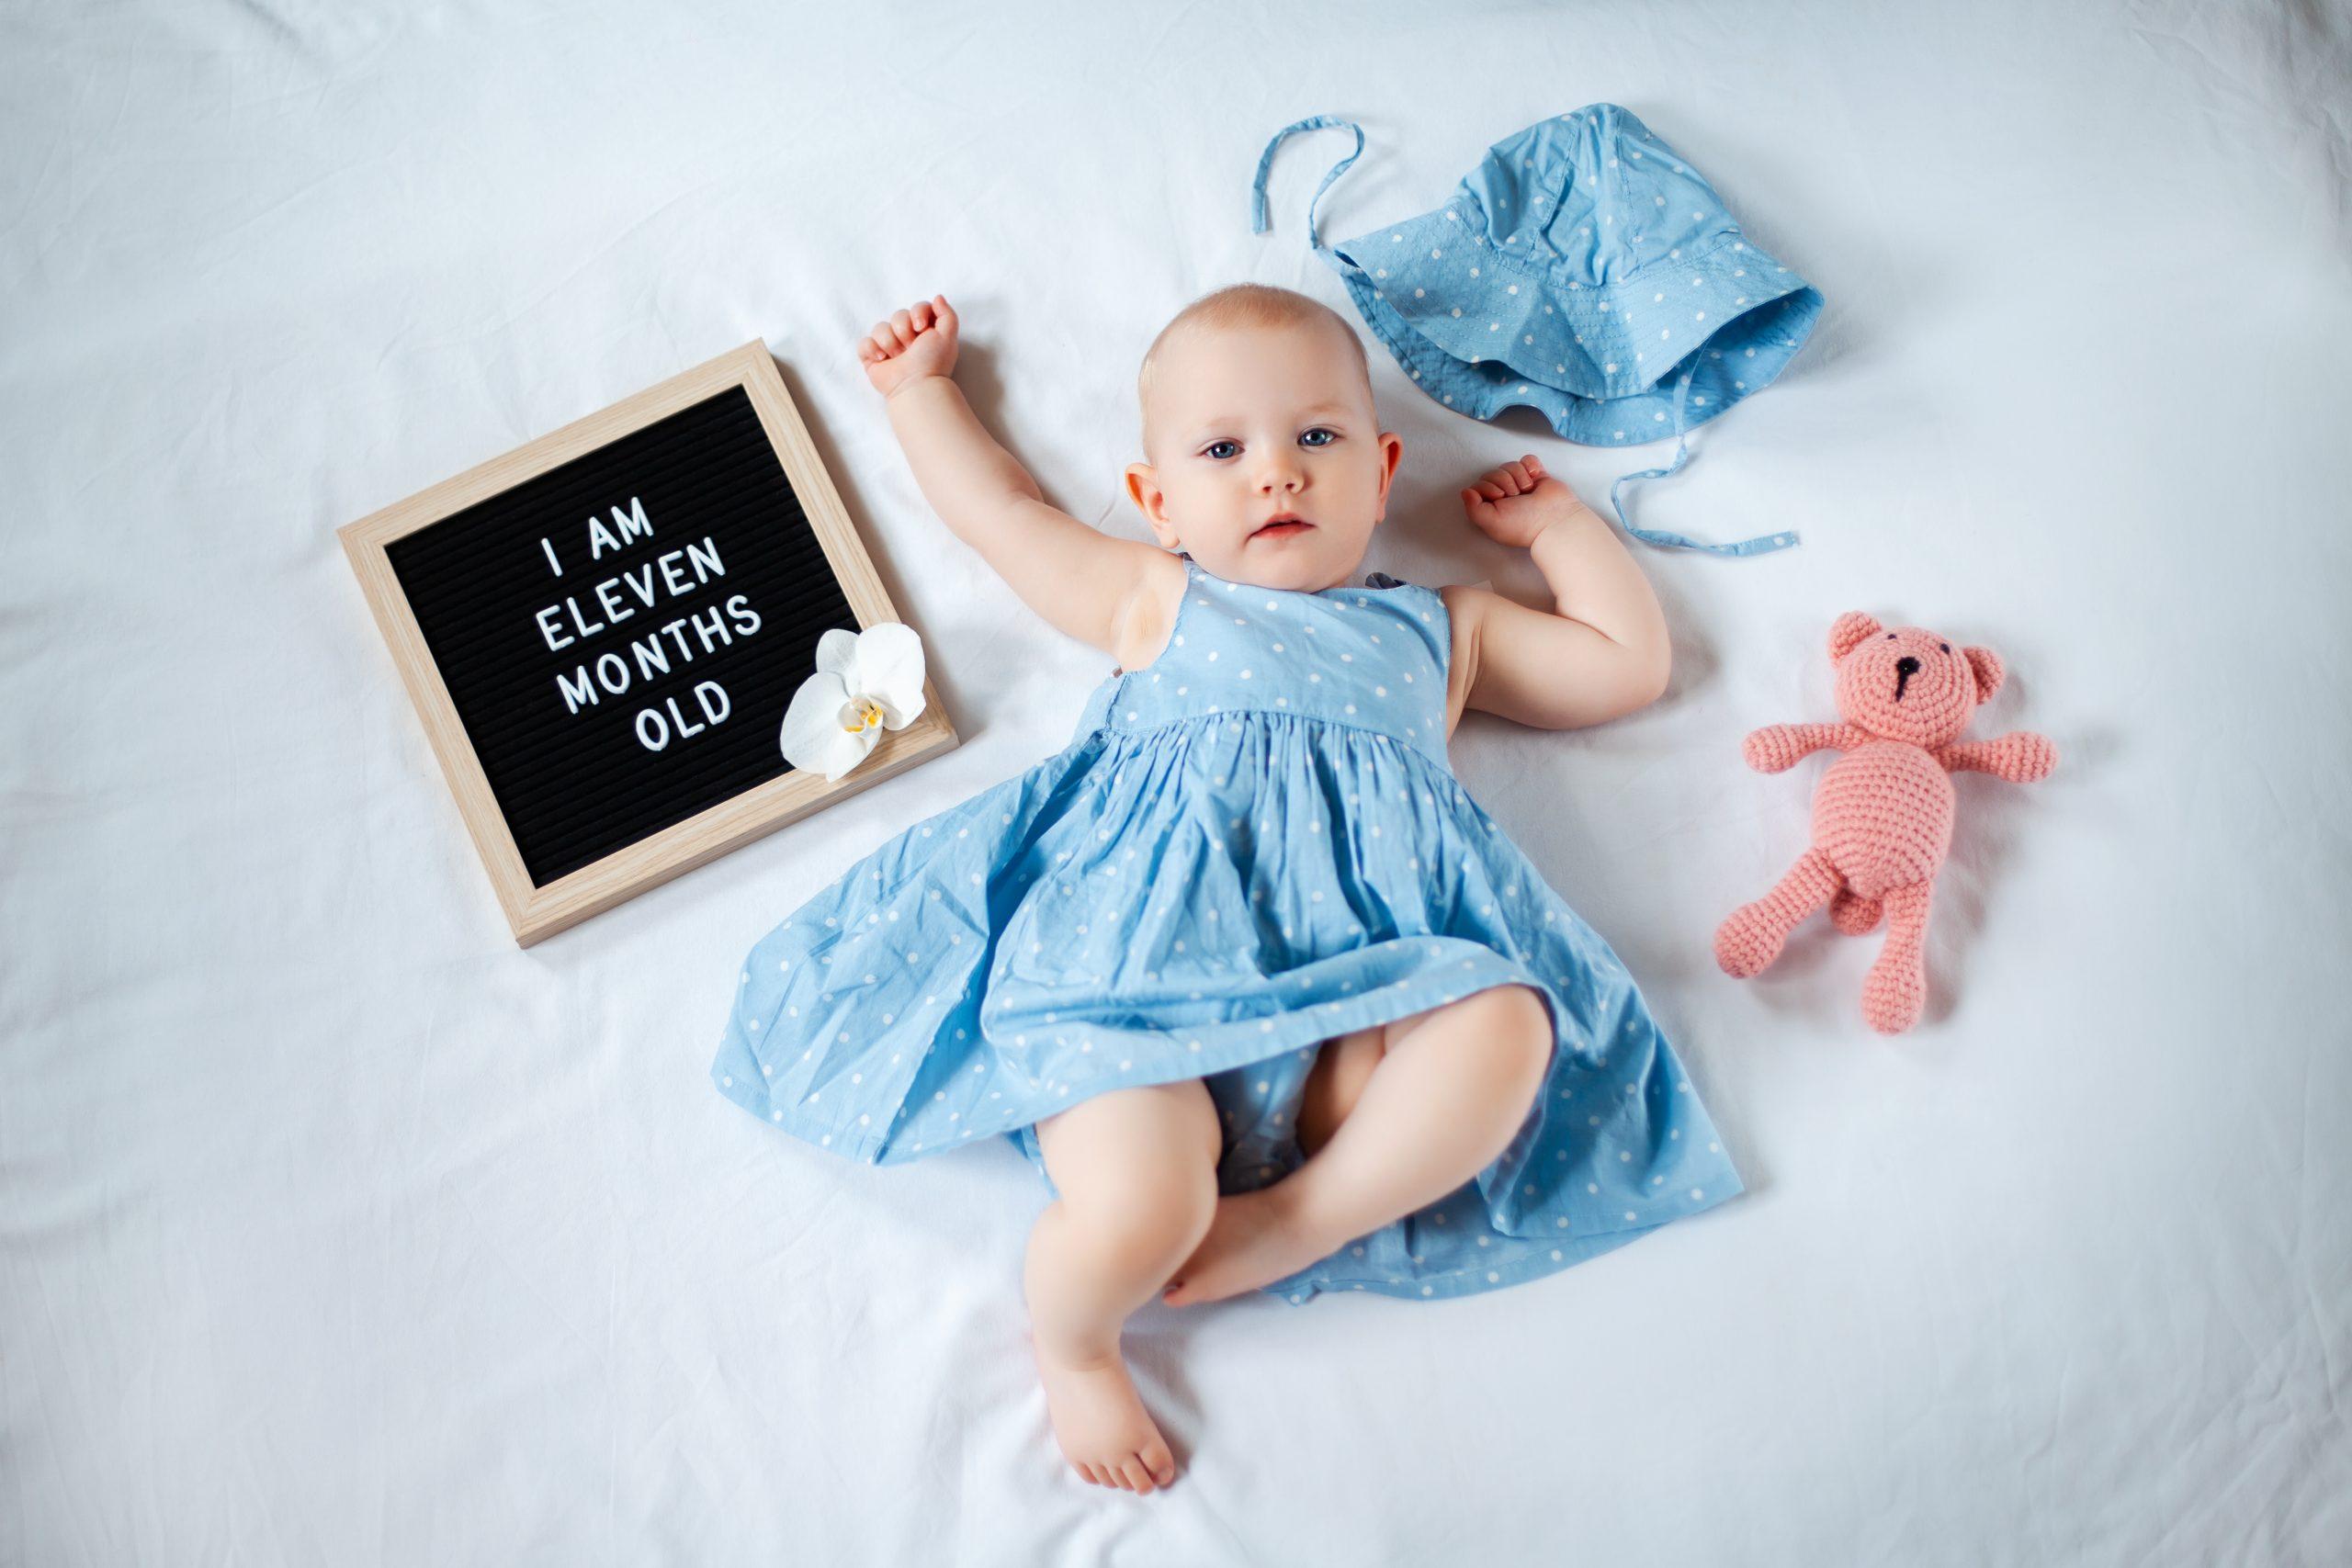 Ребенок 11 месяцев: как развивается, что умеет, питание и режим дня